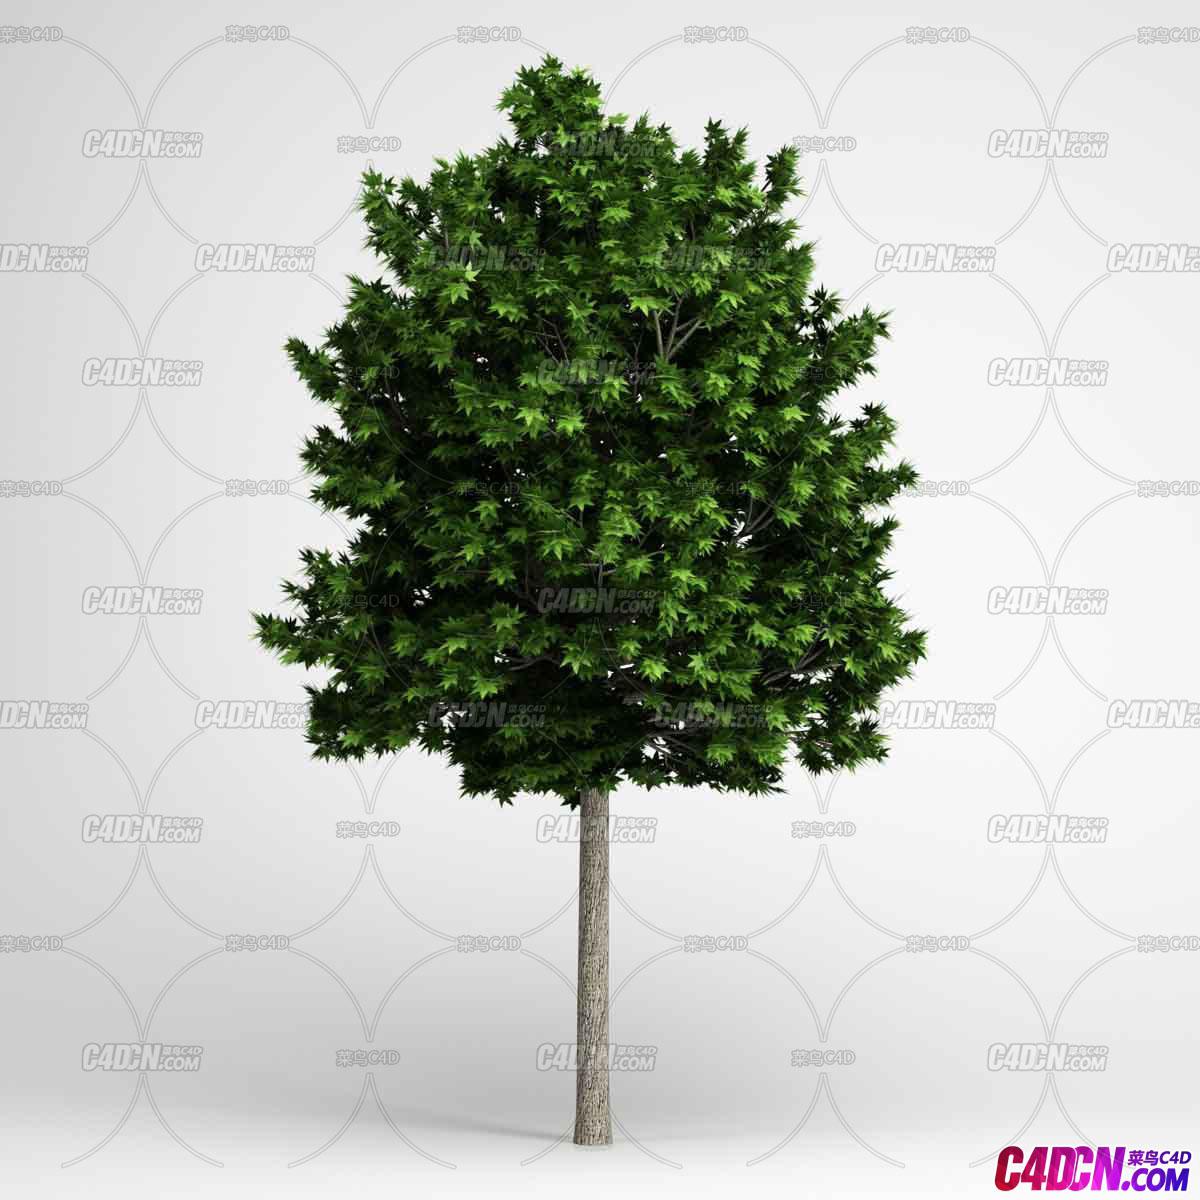 高冠绿色枫树枫叶植物大树C4D模型